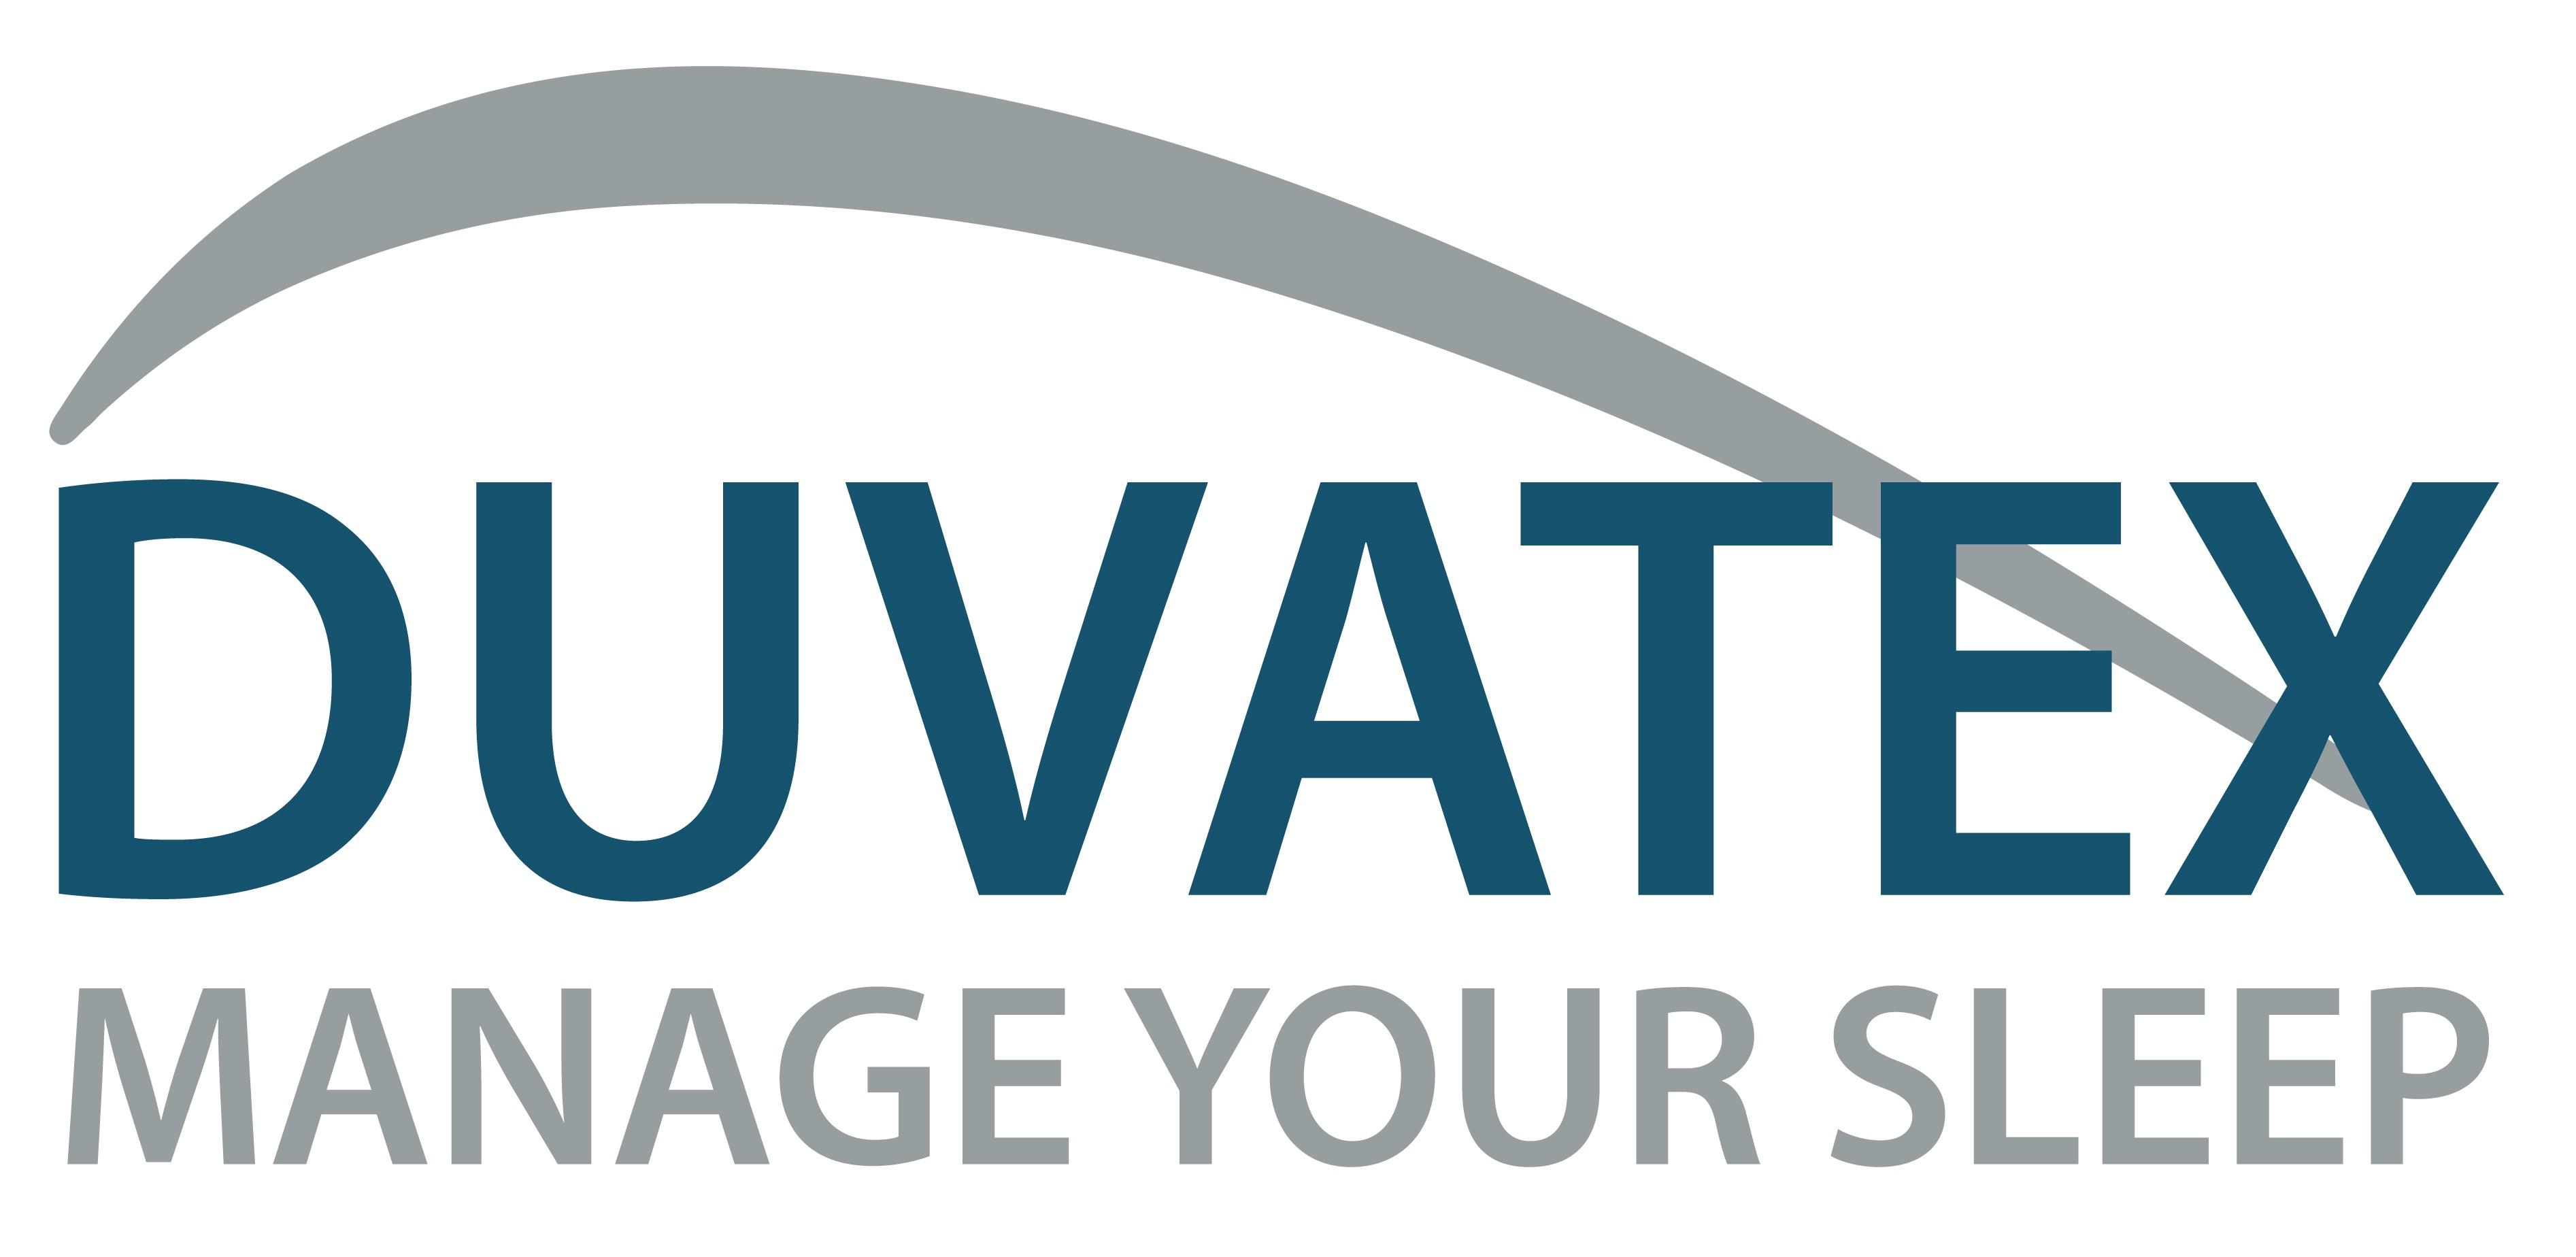 Duvatex